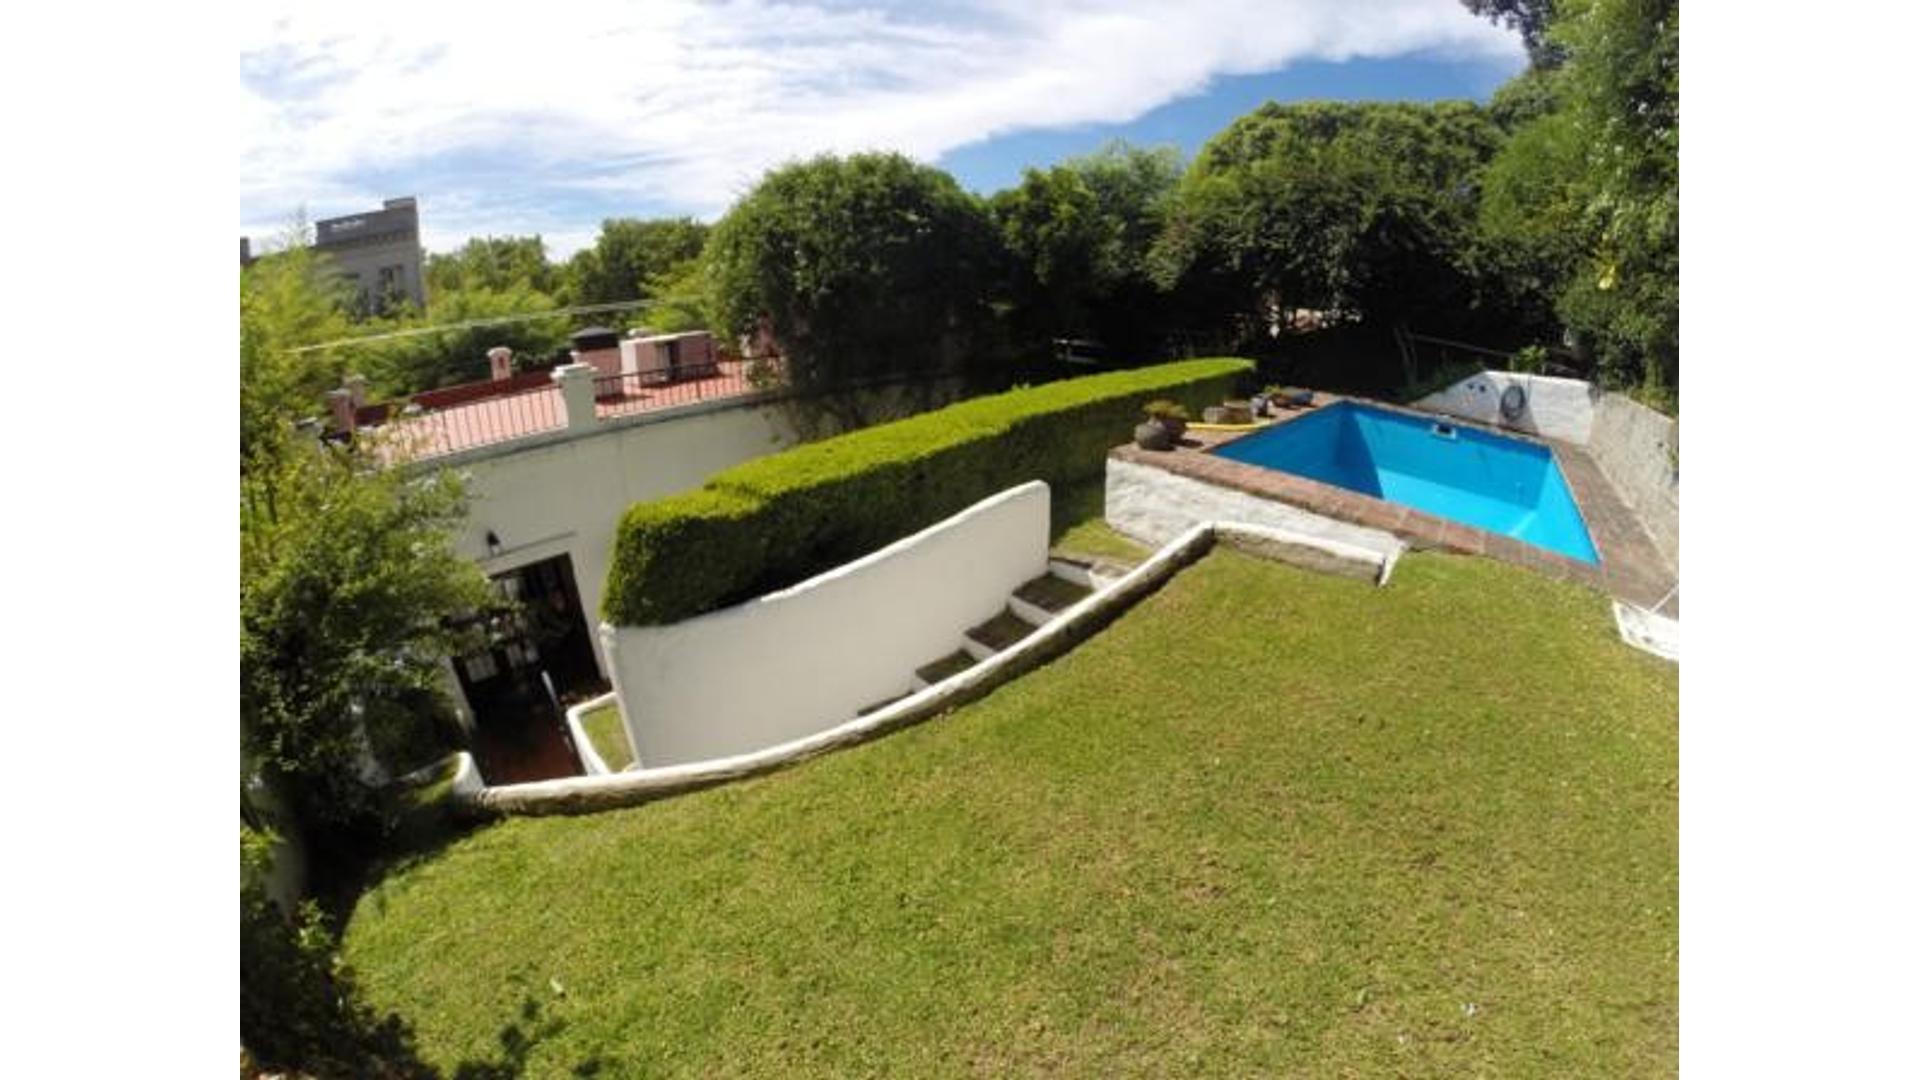 Departamento - Venta - Argentina, San Isidro - Lasalle  AL 2600